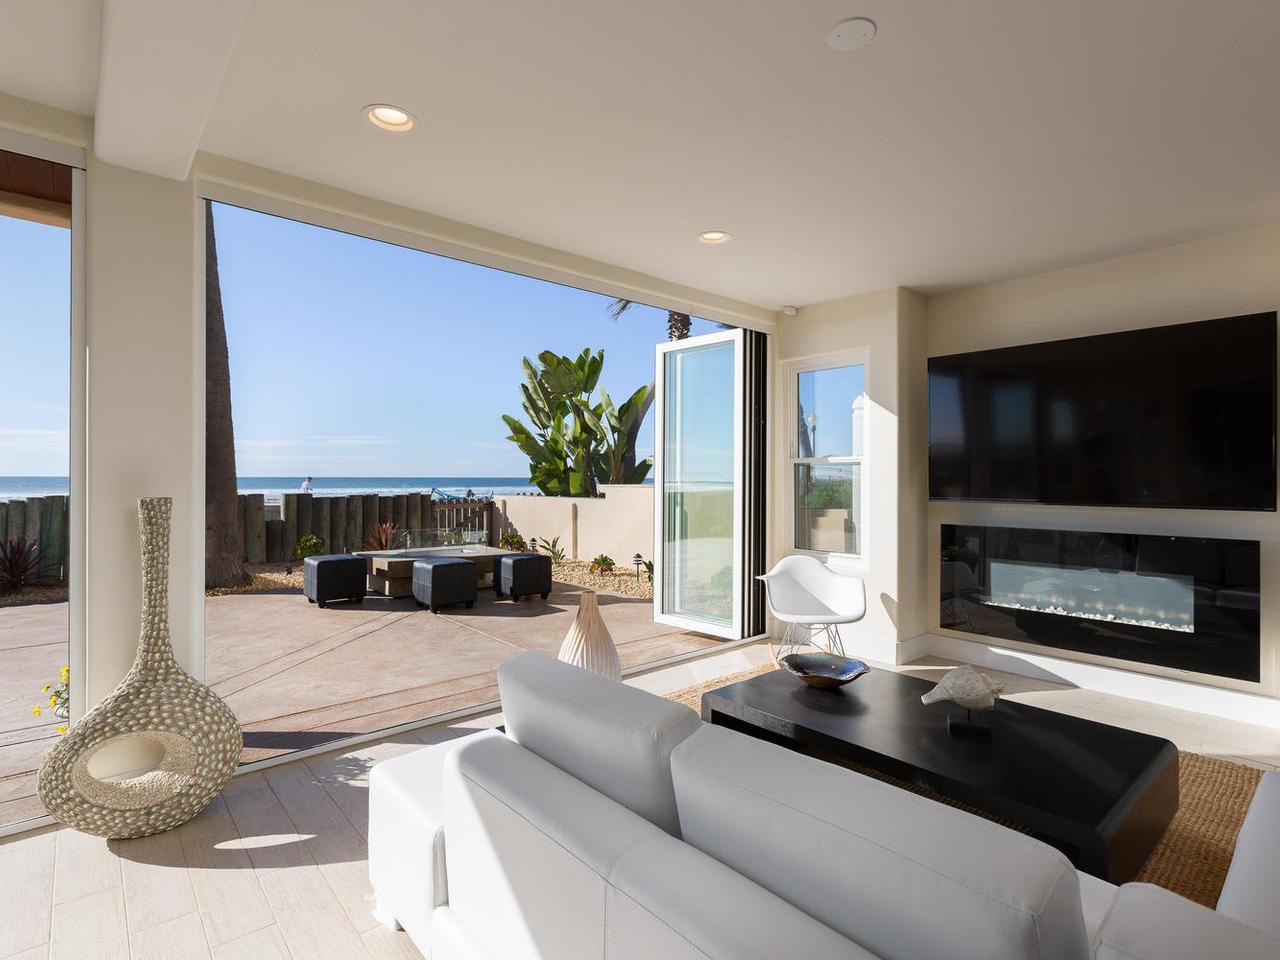 san diego vacation rentals, luxury beachfront vacation rental